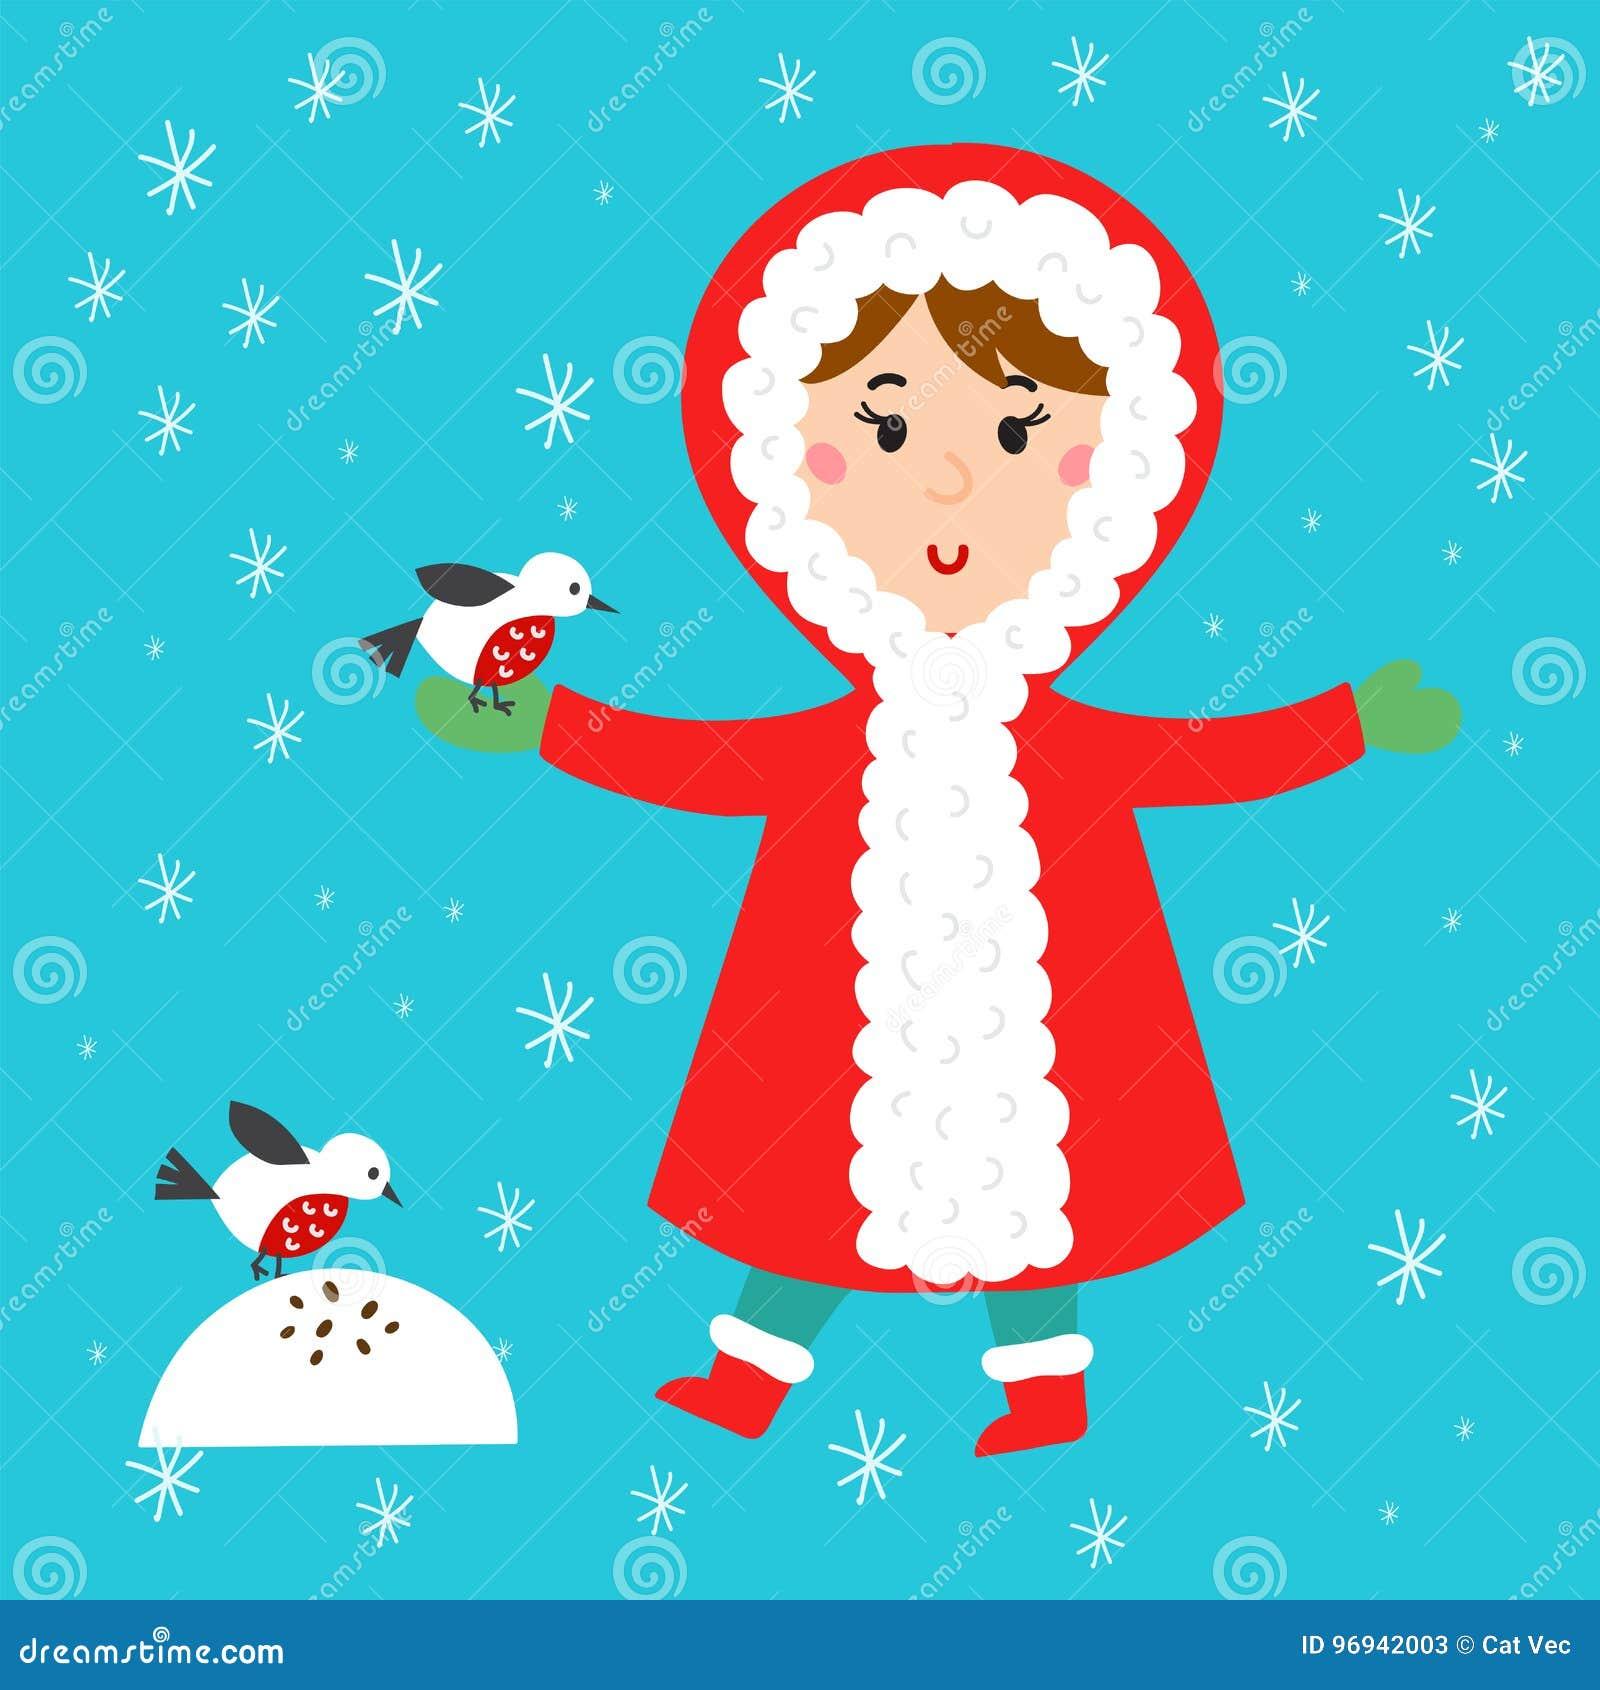 Immagini Dei Giochi Di Natale.Il Bambino Di Natale Che Gioca I Bambini Dei Giochi Dell